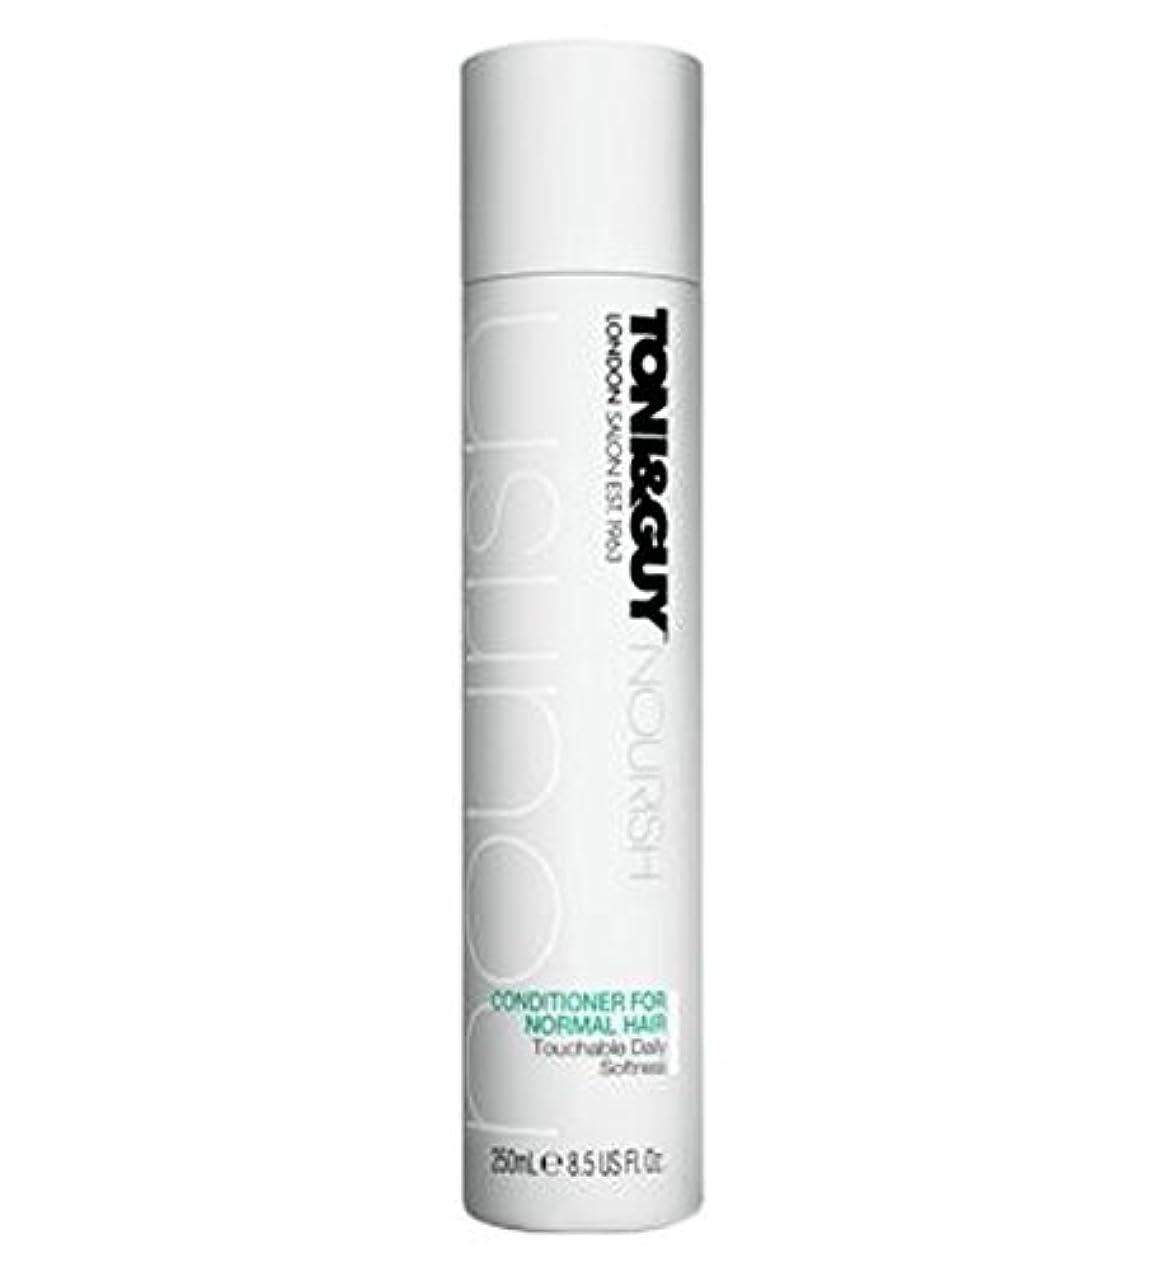 出発するピッチャーナチュラToni&Guy Conditioner for Normal Hair 250ml - ノーマルヘア250ミリリットルのためのトニ&男コンディショナー (Toni & Guy) [並行輸入品]